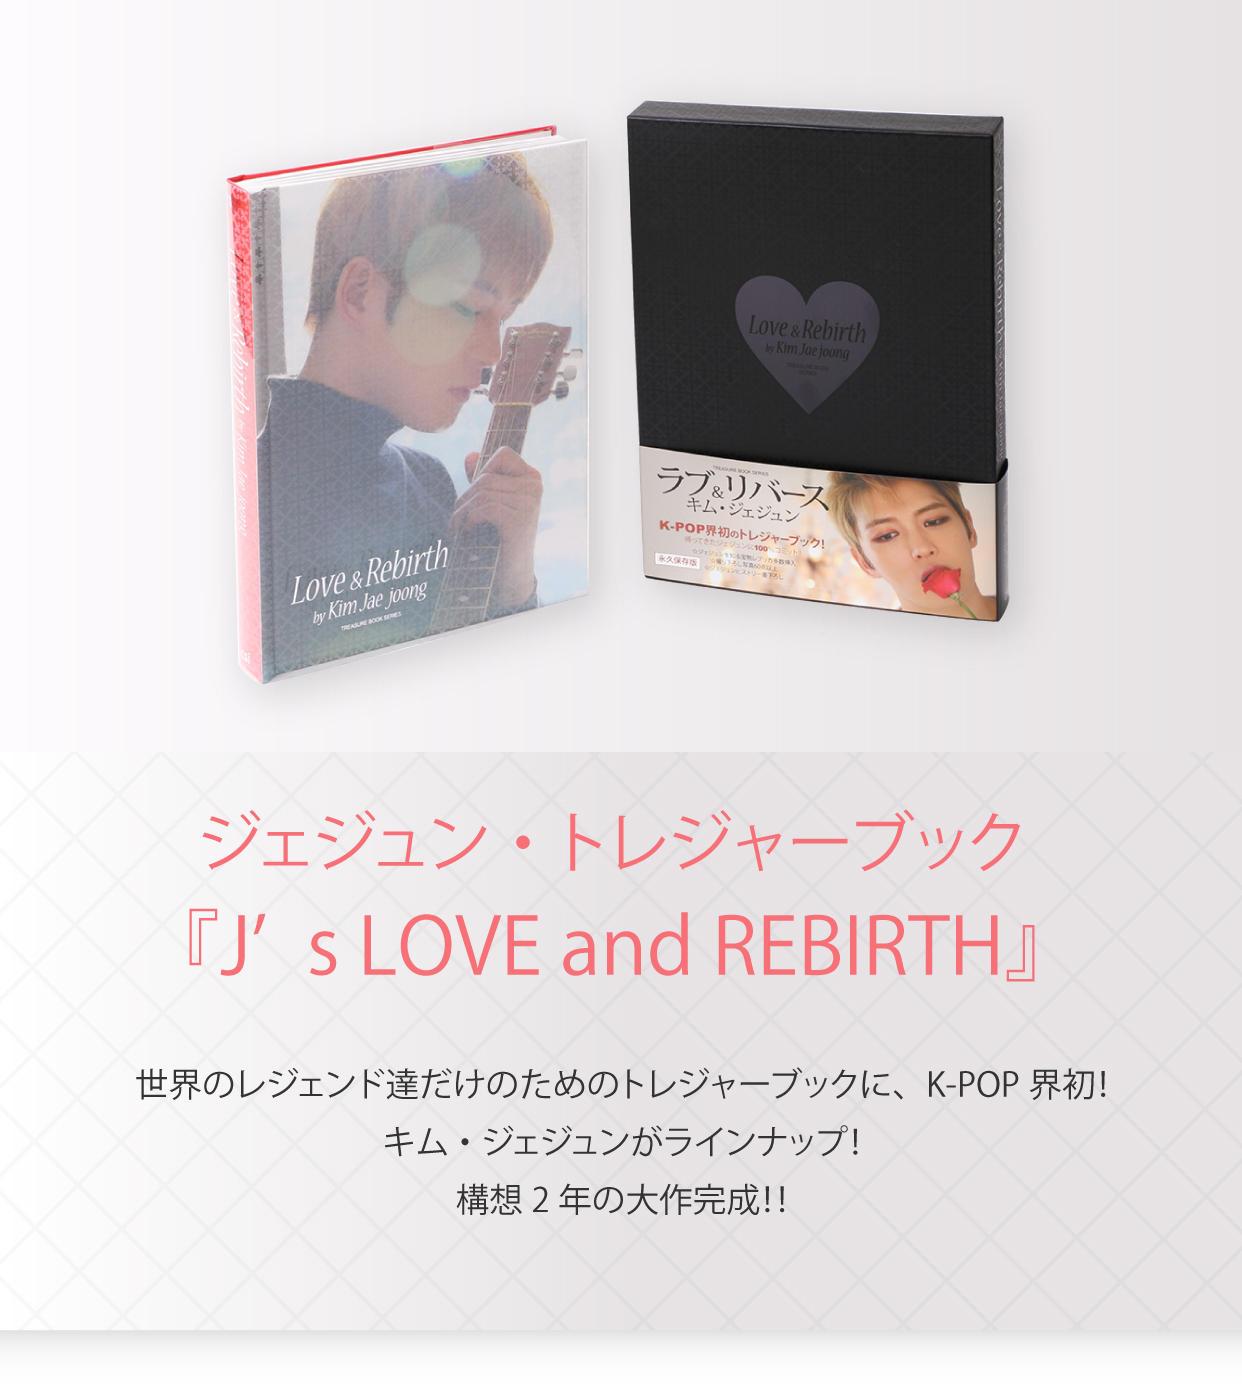 ジェジュン・トレジャーブック 『J's LOVE and REBIRTH』 世界のレジェンド達だけのためのトレジャーブックに、K-POP界初!キム・ジェジュンがラインナップ!構想2年の大作完成!!